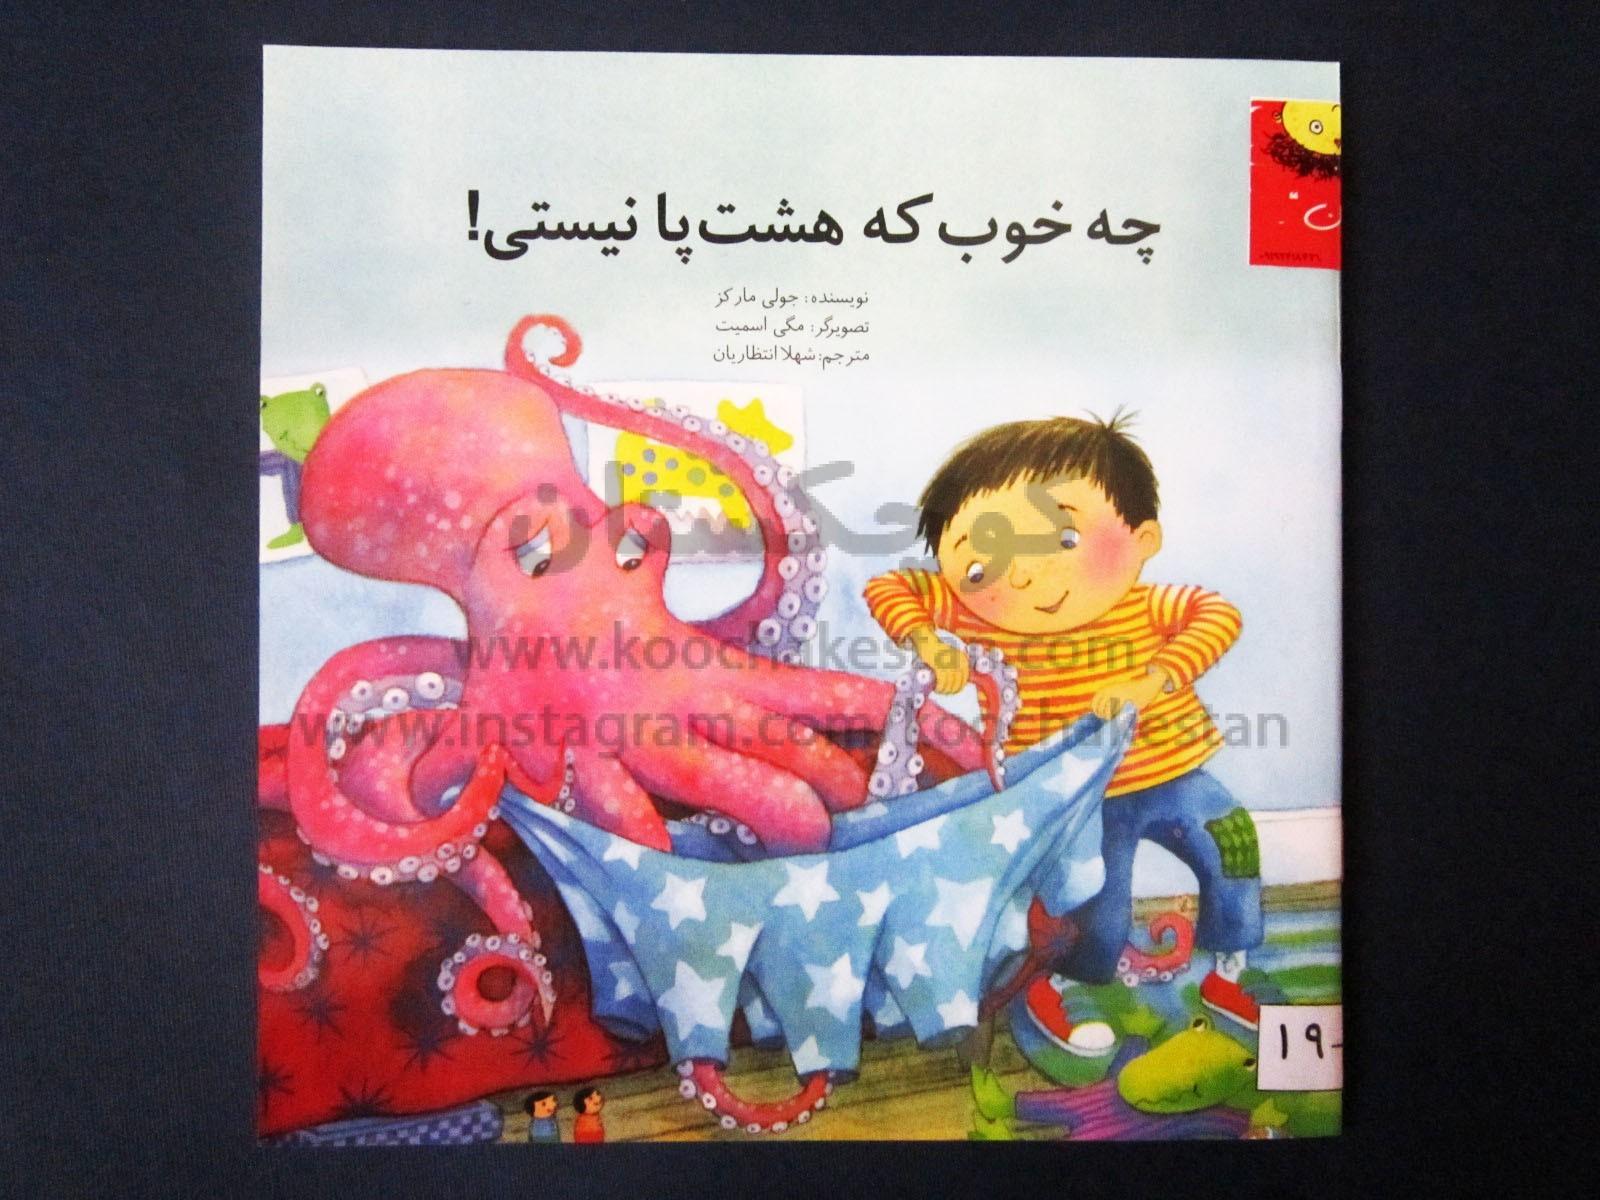 چه خوب که هشت پا نیستی - کتابخانه کودک